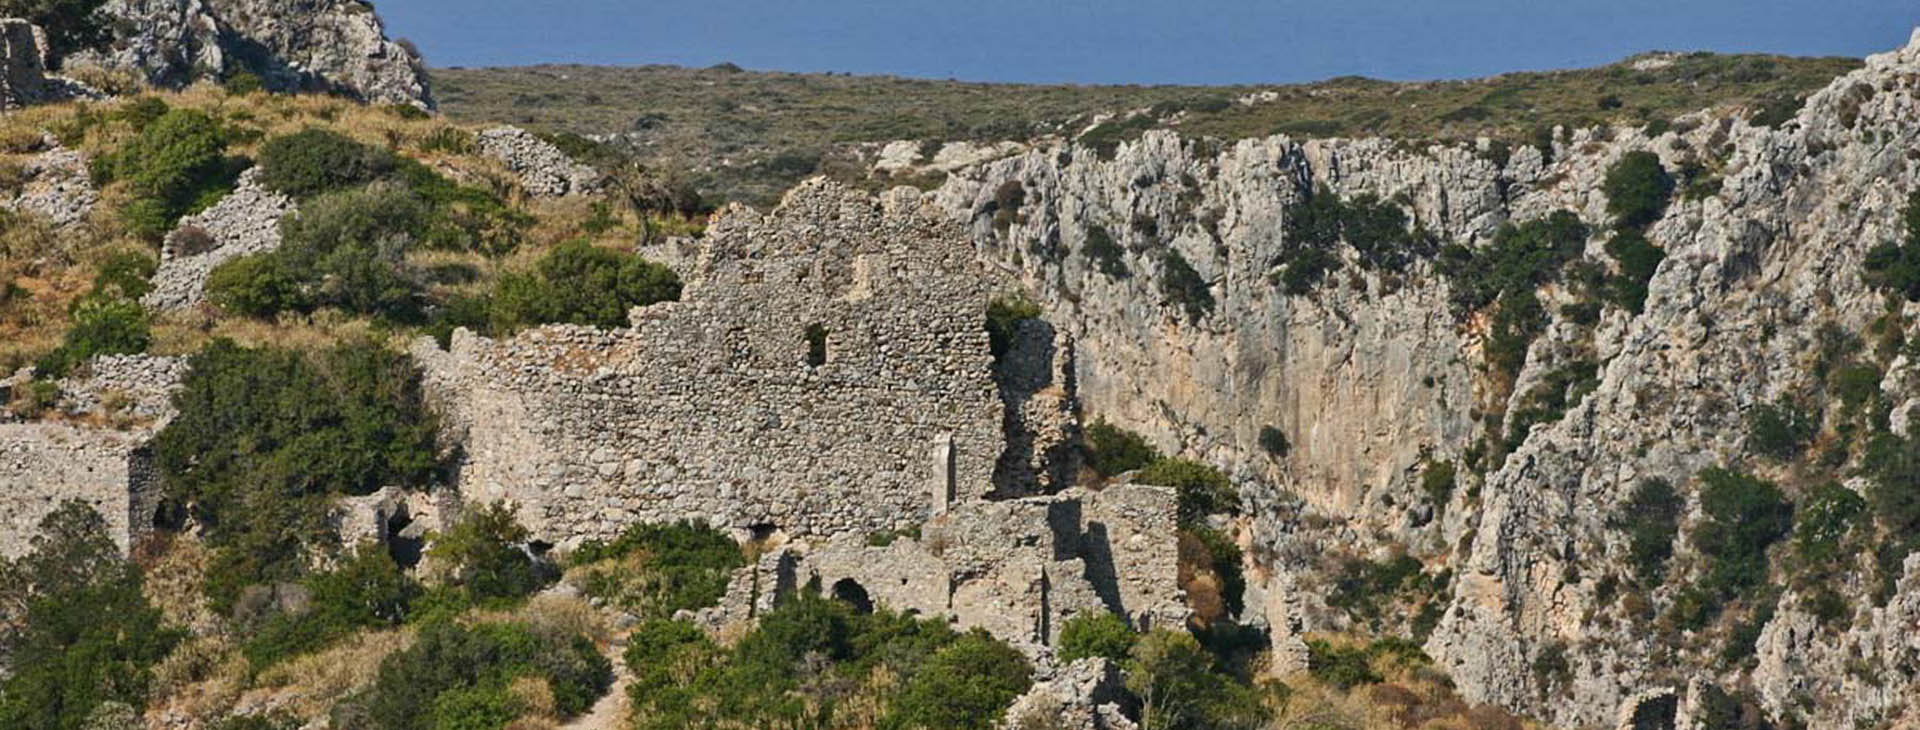 Medieval ruins at Palaiohora, Kythira island